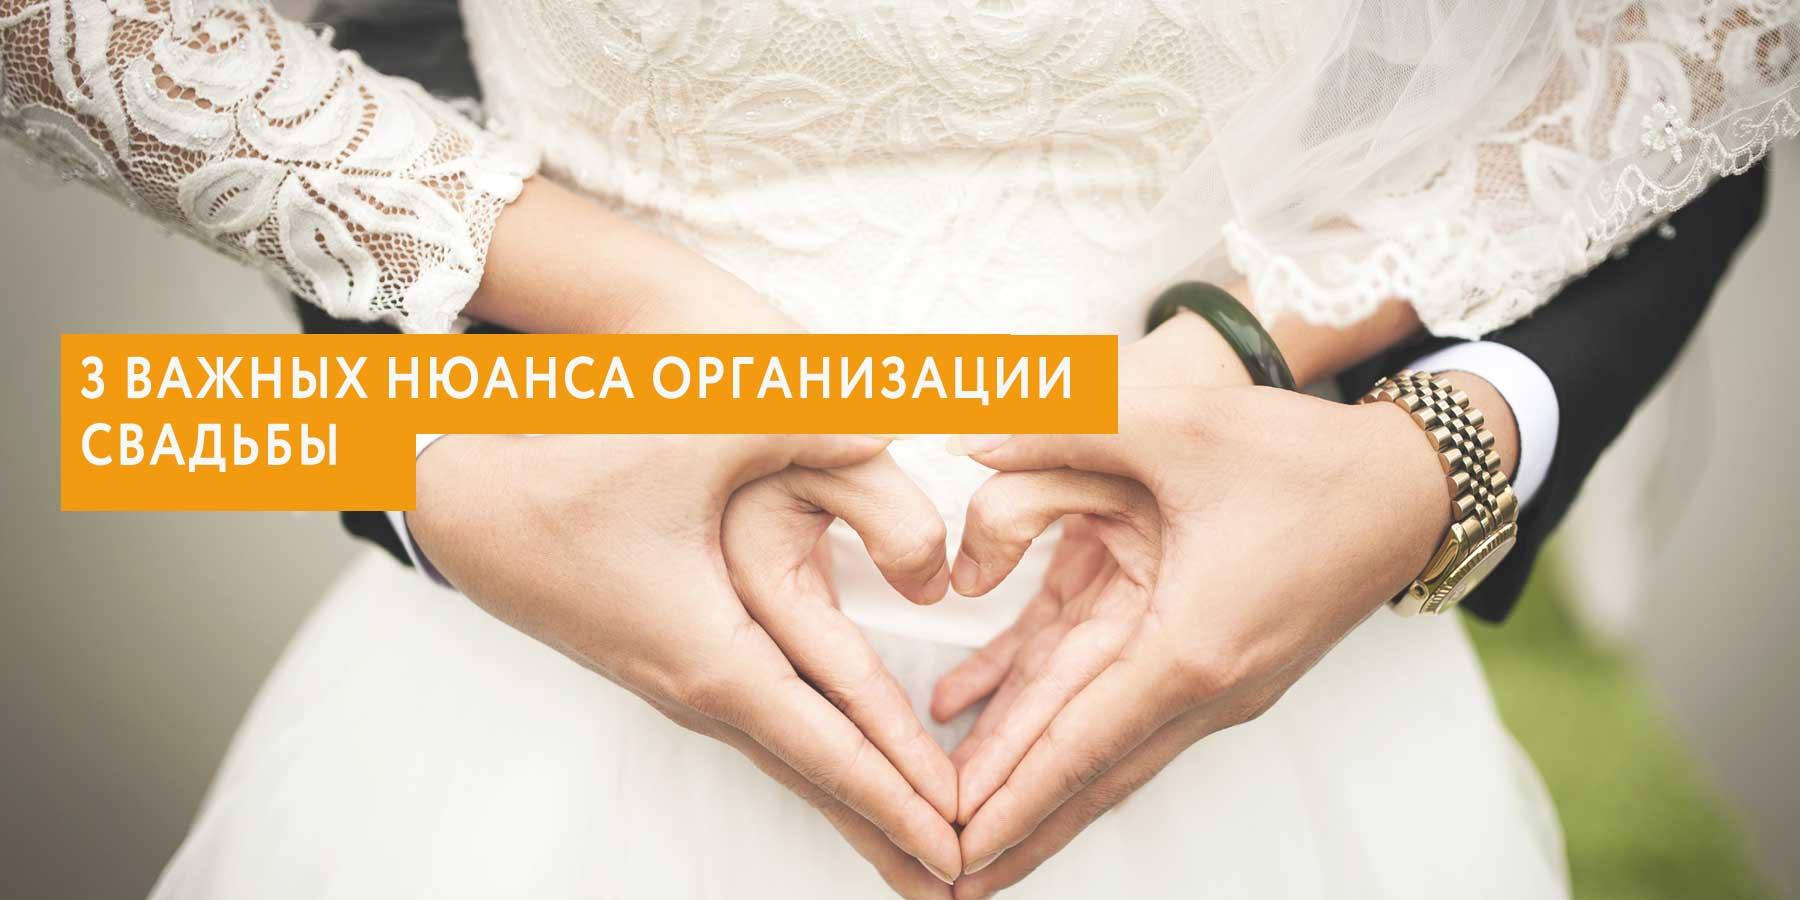 Выбираем идеального организатора свадьбы: 3 важных нюанса